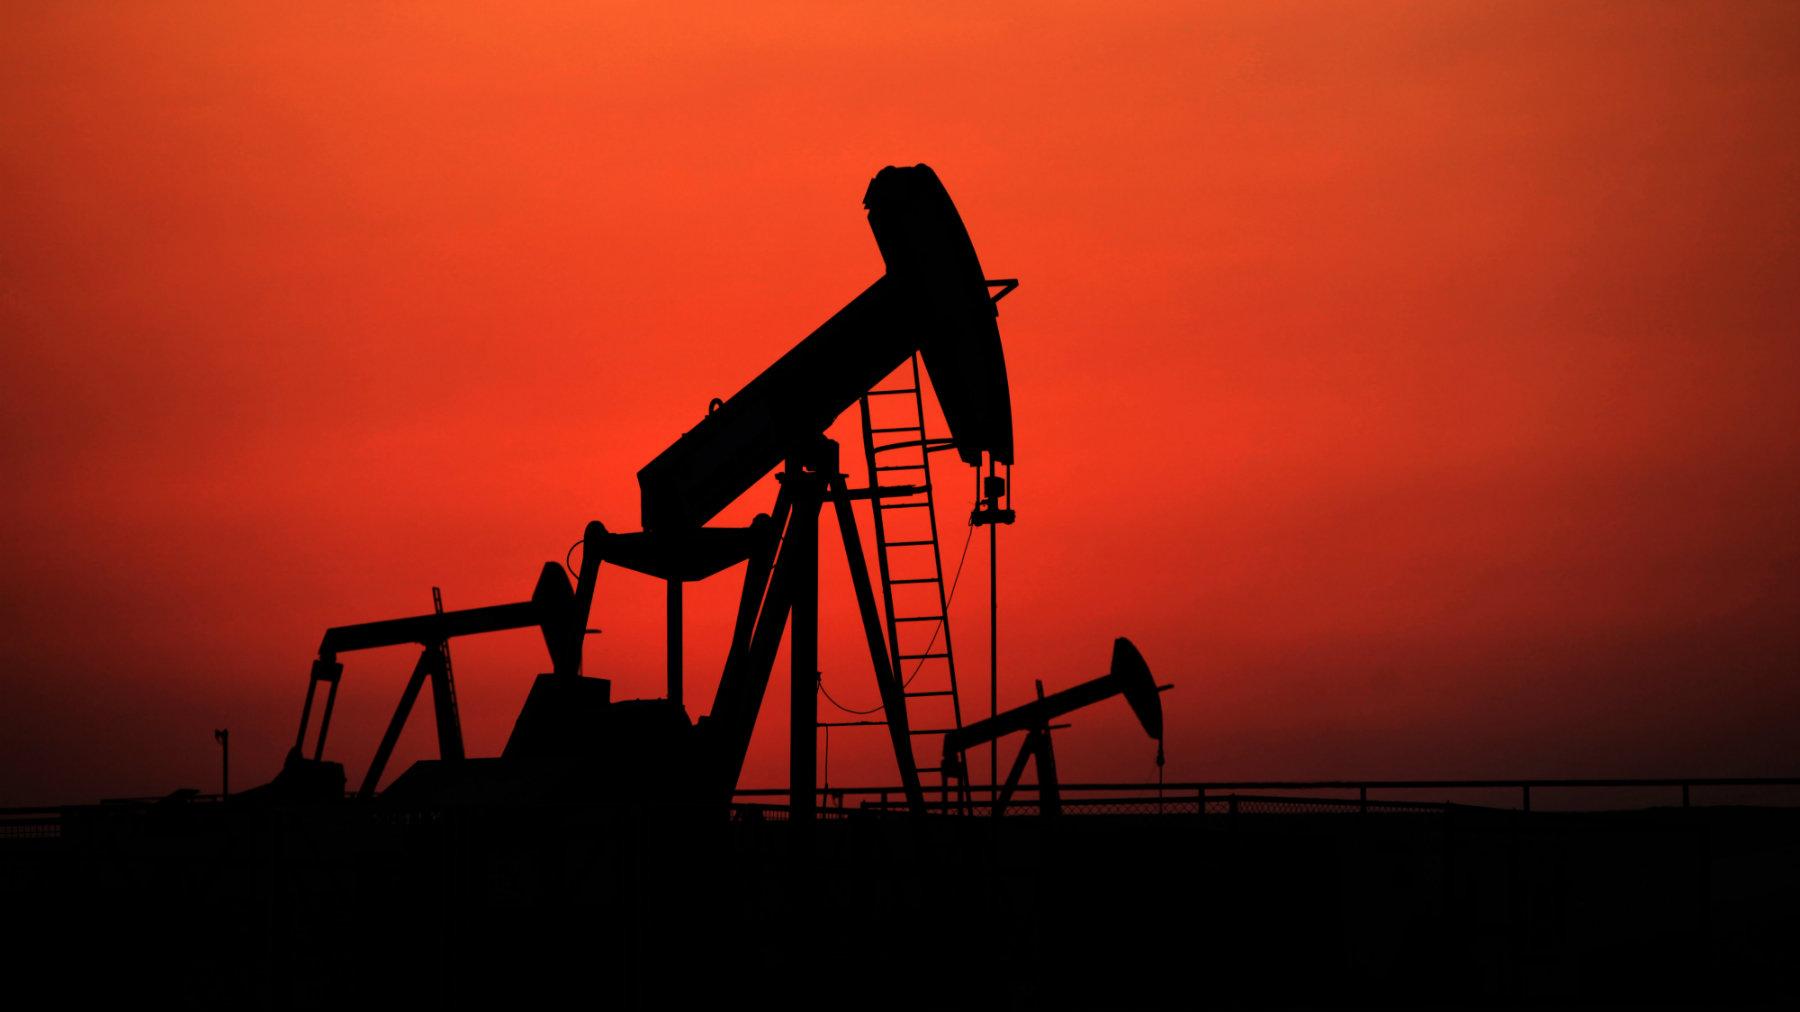 Oil pumps work at sunset in the desert oil fields of Sakhir, Bahrain